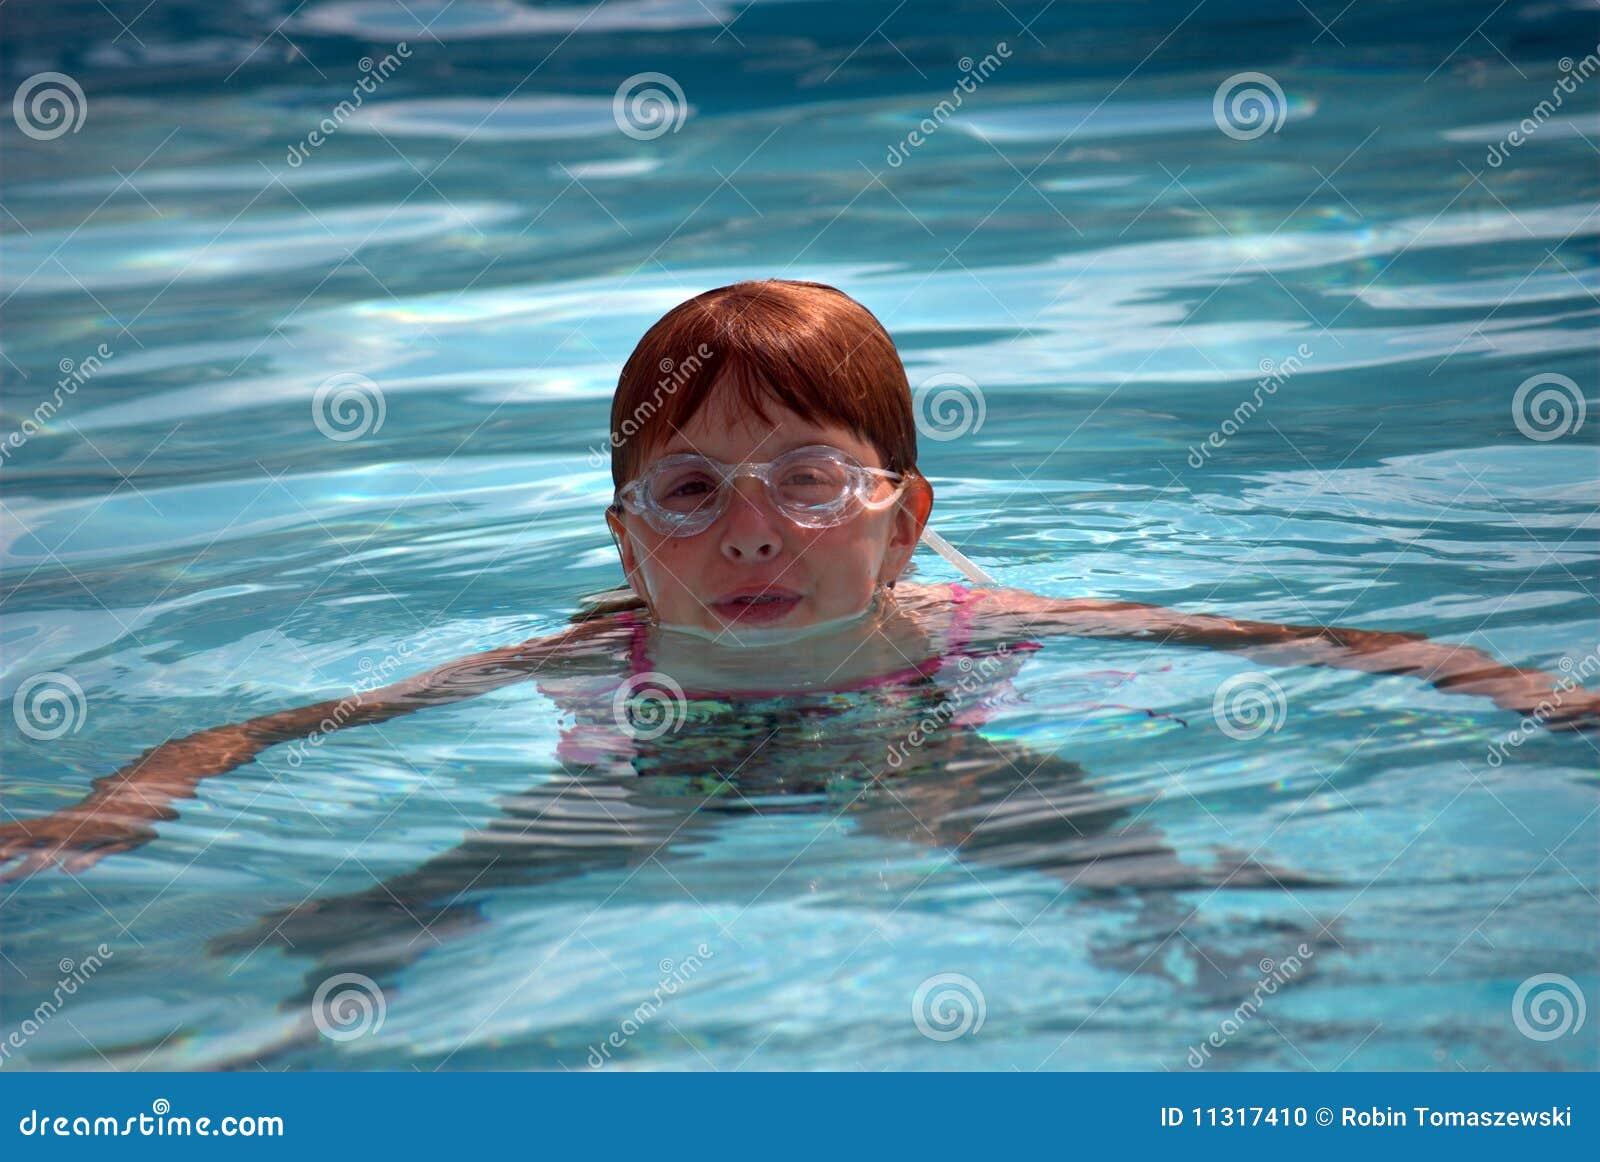 Mädchenschwimmen im Pool